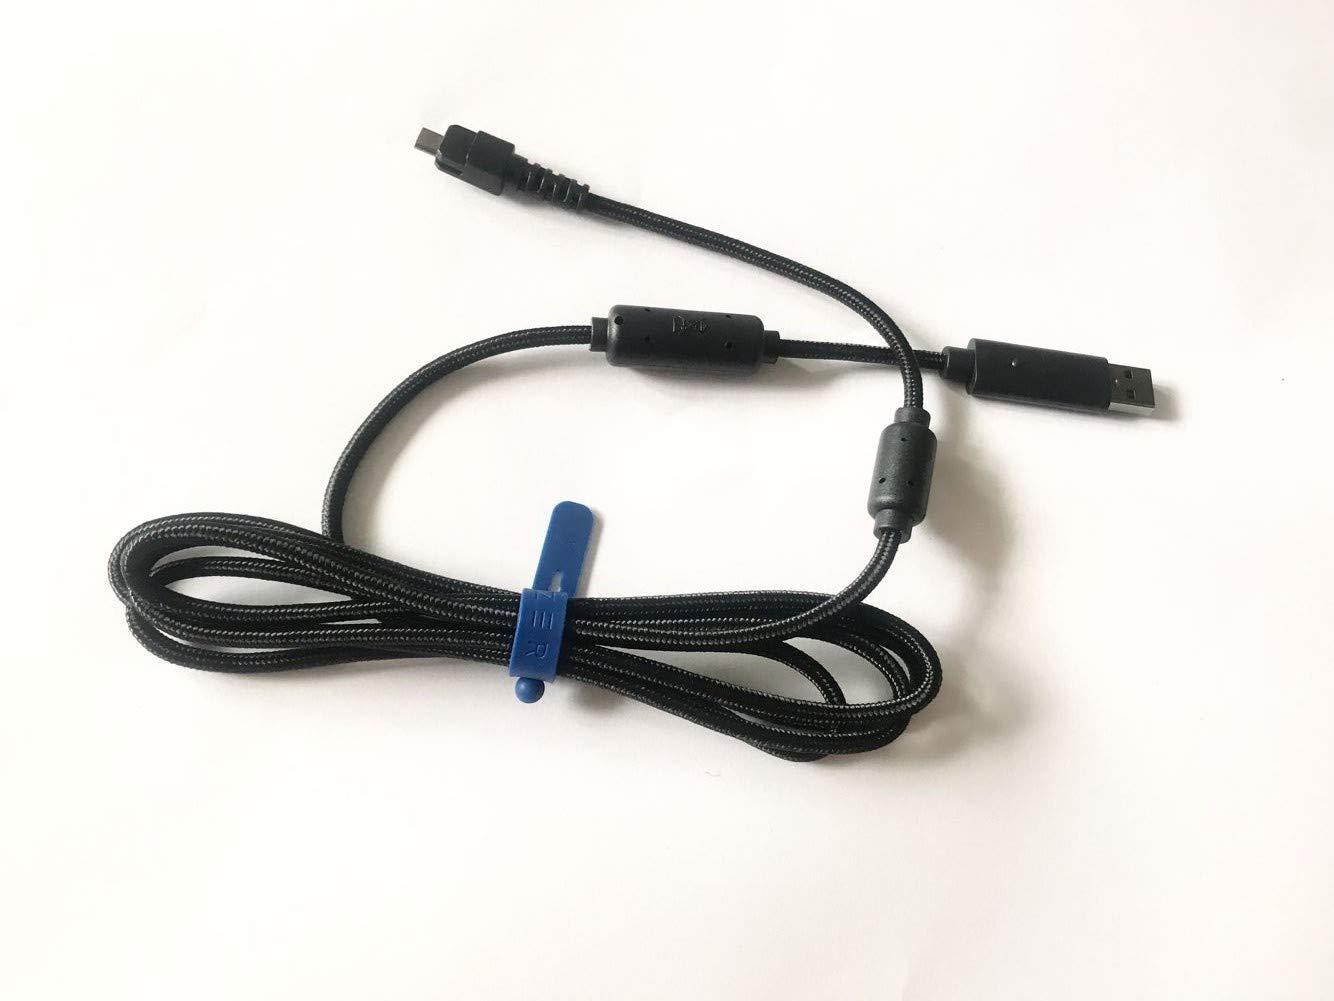 Lzydd Usb Kabel Für Razer Raiju Ps4 Gaming Controller Xbox Wireless Controller Gewerbe Industrie Wissenschaft